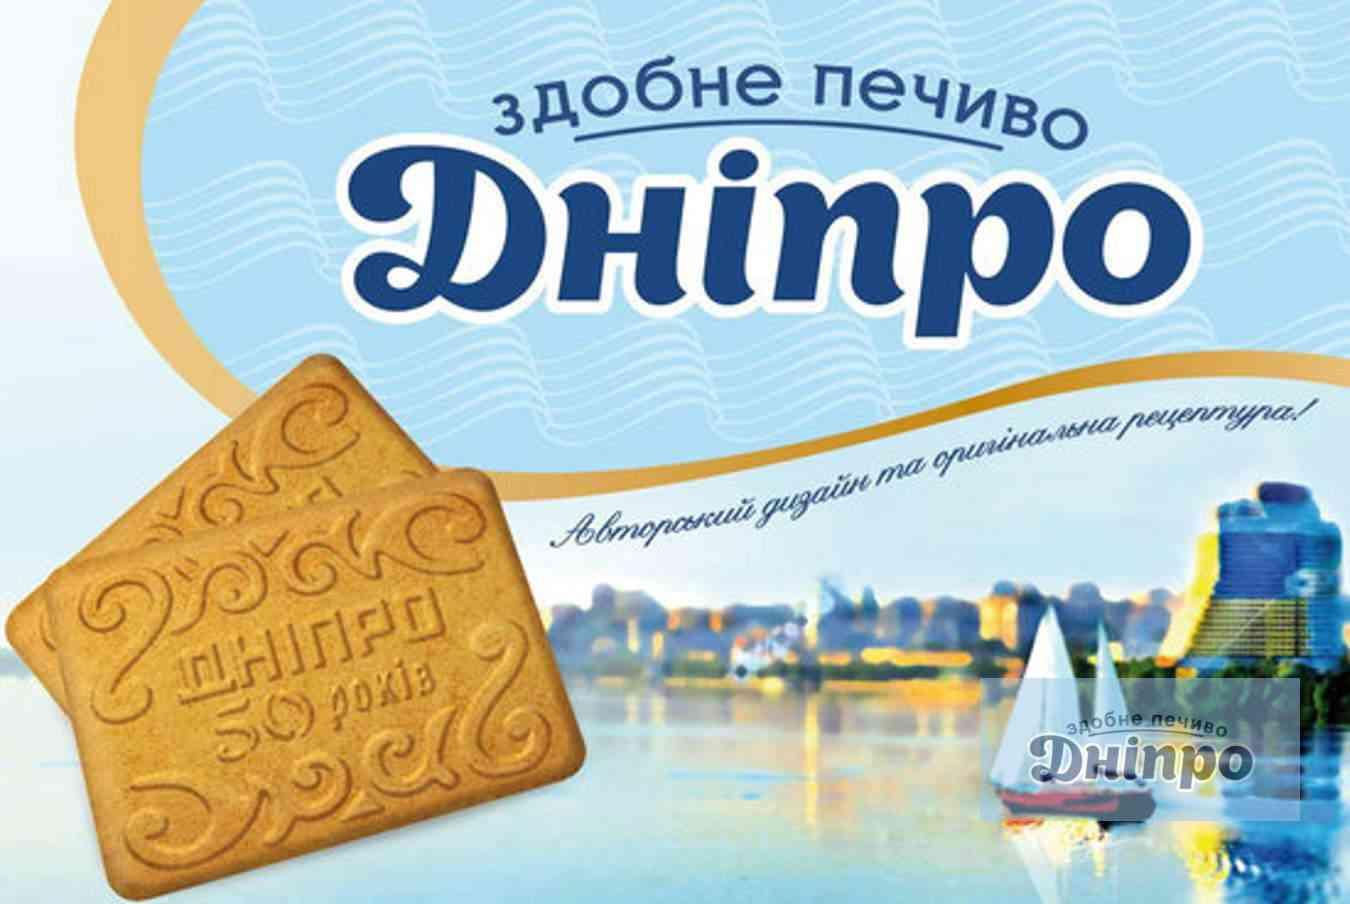 фронт коробки Здобне печиво Дніпро